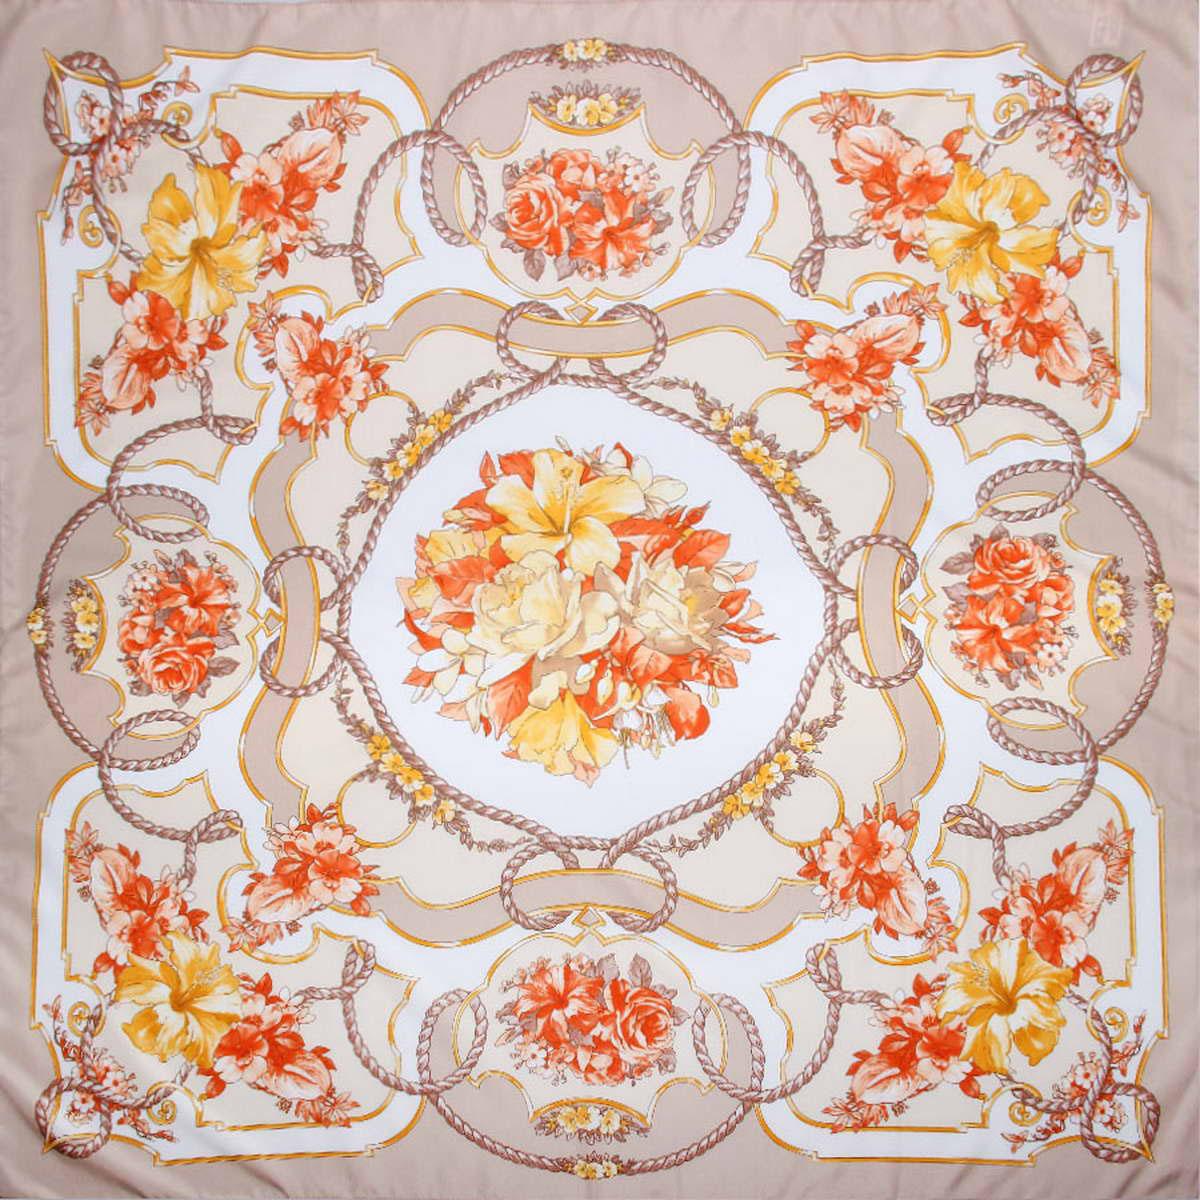 Платок3904972-10Стильный женский платок Venera станет великолепным завершением любого наряда. Платок, изготовленный из полиэстера, оформлен цветочным принтом. Классическая квадратная форма позволяет носить платок на шее, украшать им прическу или декорировать сумочку. Легкий и приятный на ощупь платок поможет вам создать изысканный женственный образ. Такой платок превосходно дополнит любой наряд и подчеркнет ваш неповторимый вкус и элегантность.